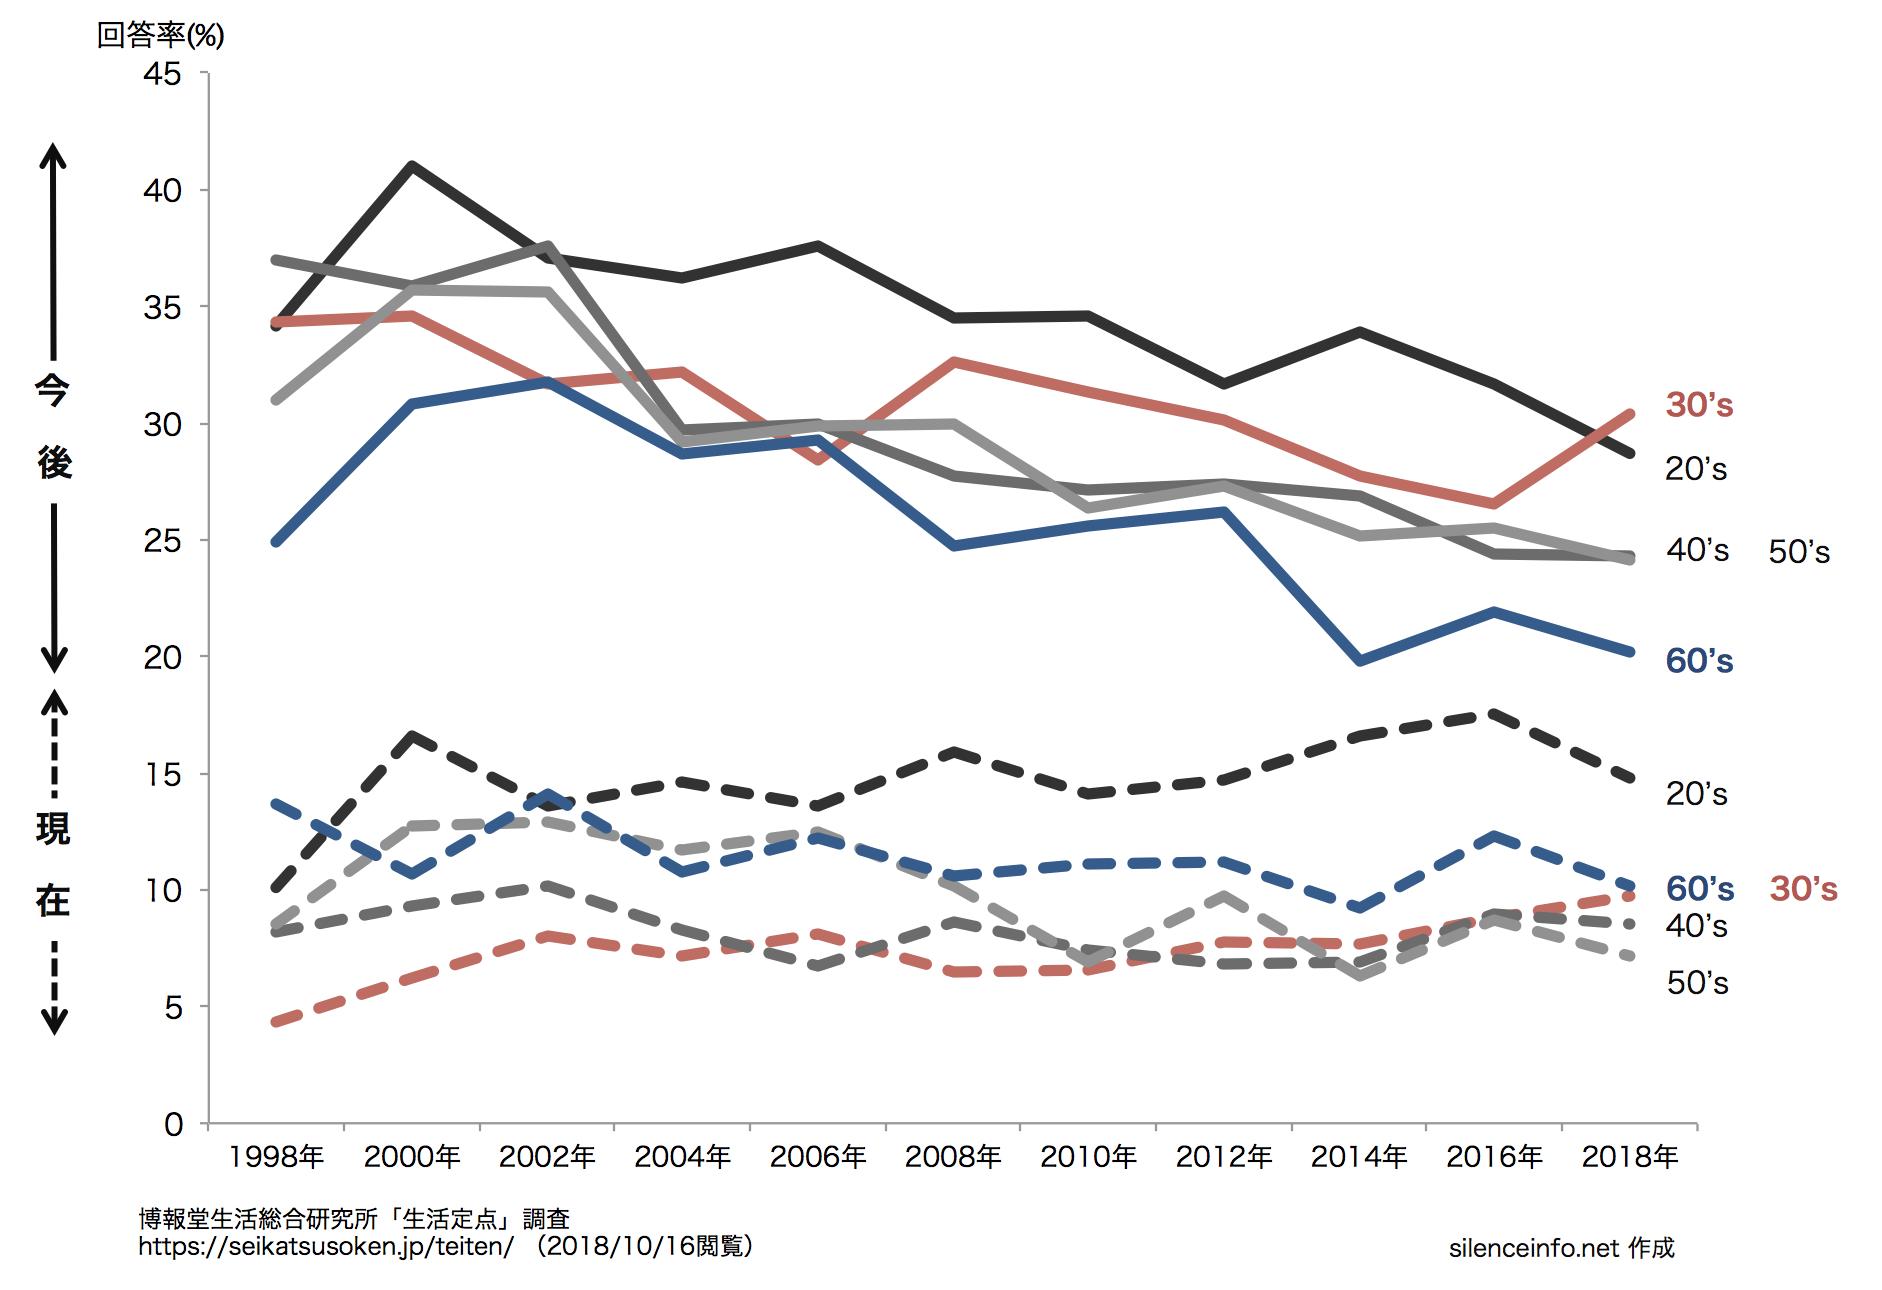 生活定点データのうち自分のための教養・勉強にかけるお金の回答率の推移を示したグラフ